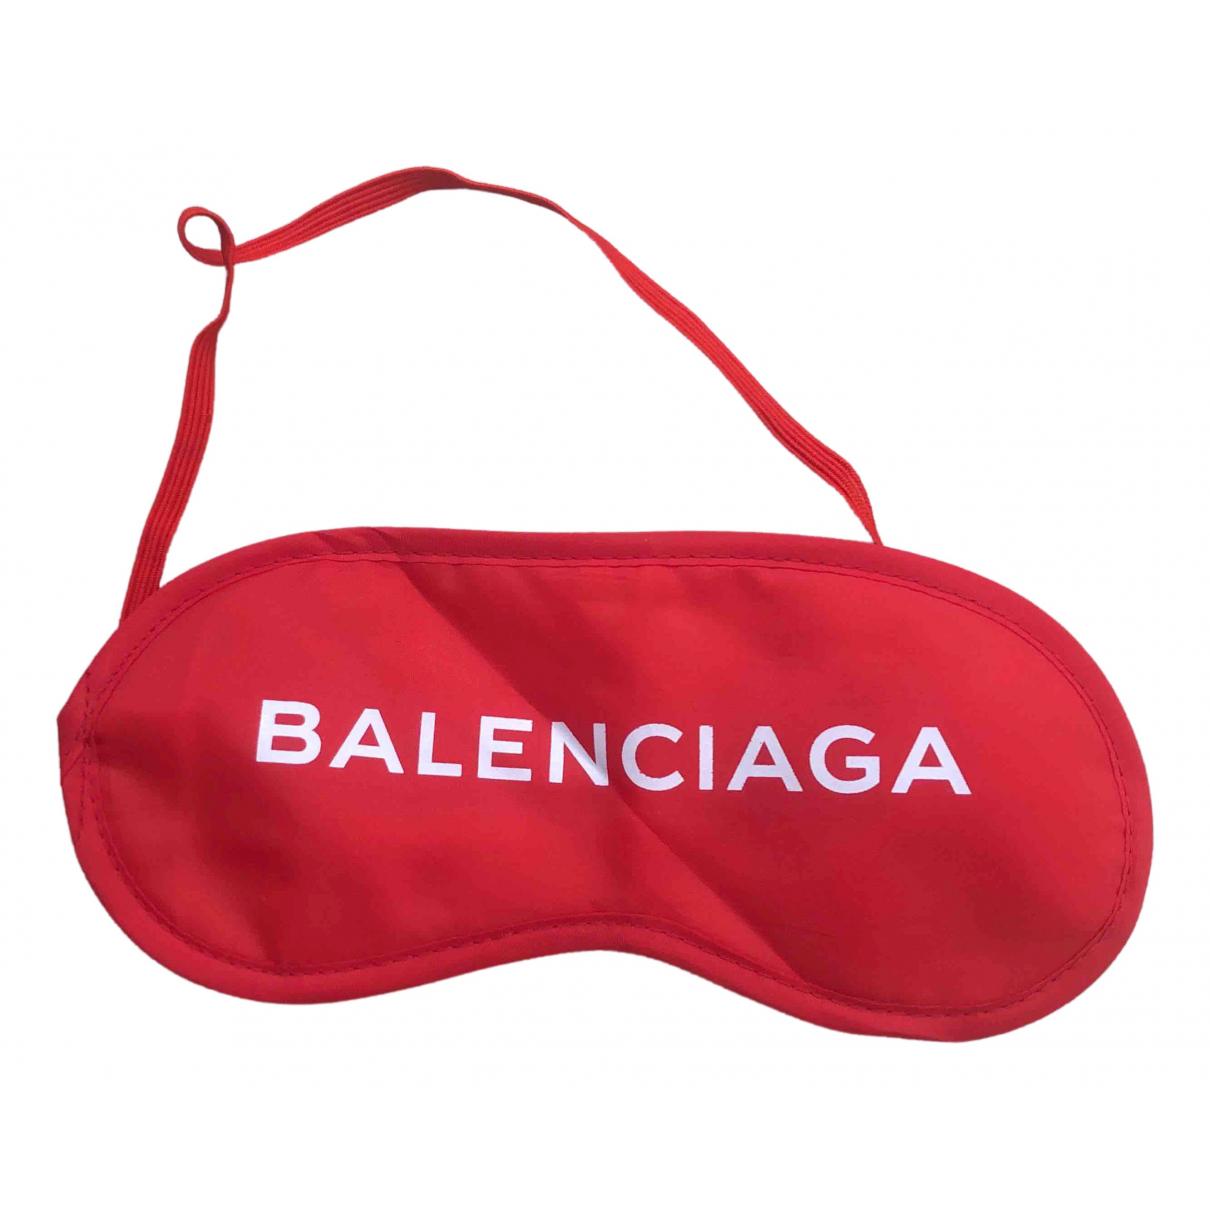 Viajes Balenciaga